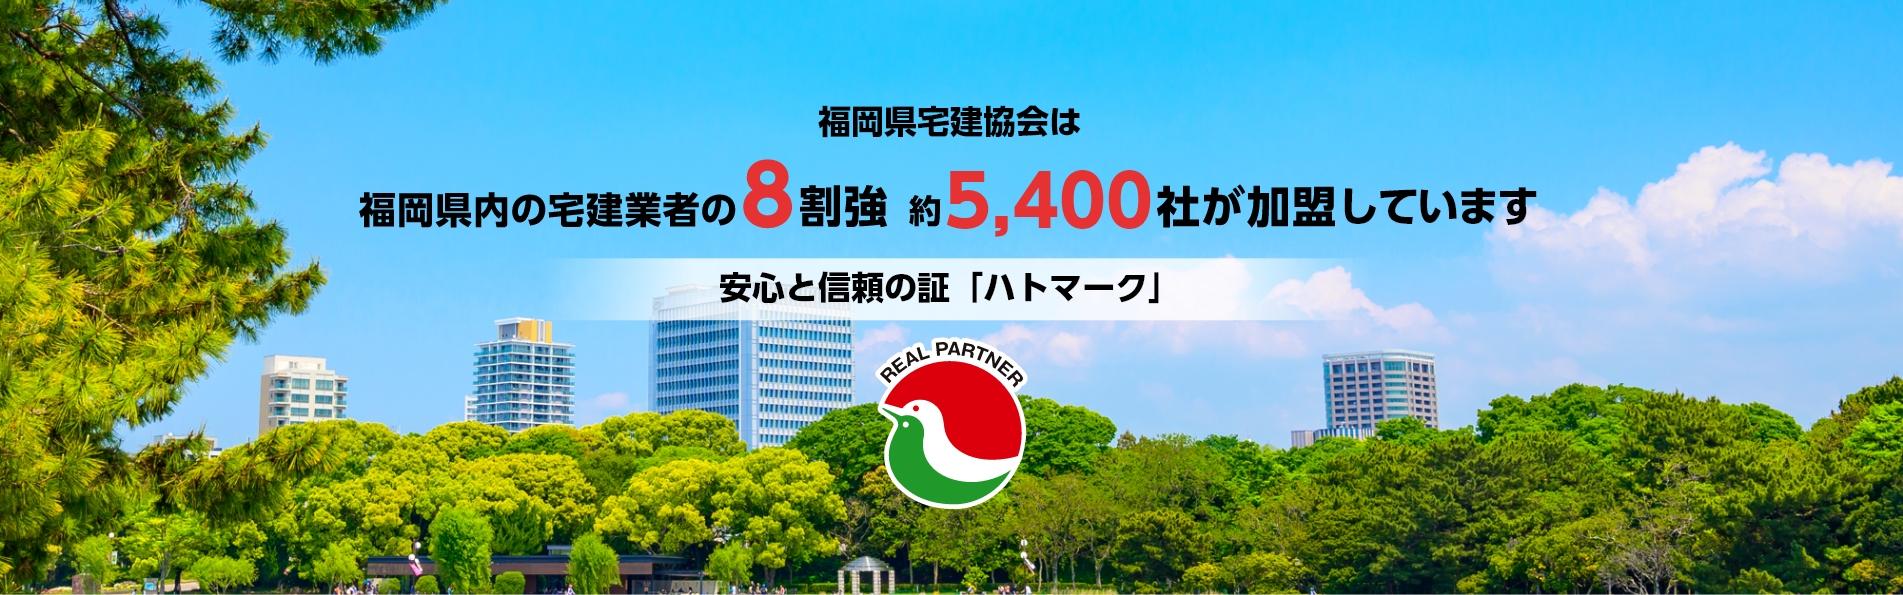 福岡県宅建協会は福岡県内の宅建業者の8割強 約5,300社が加盟しています 安心と信頼の証「ハトマーク」